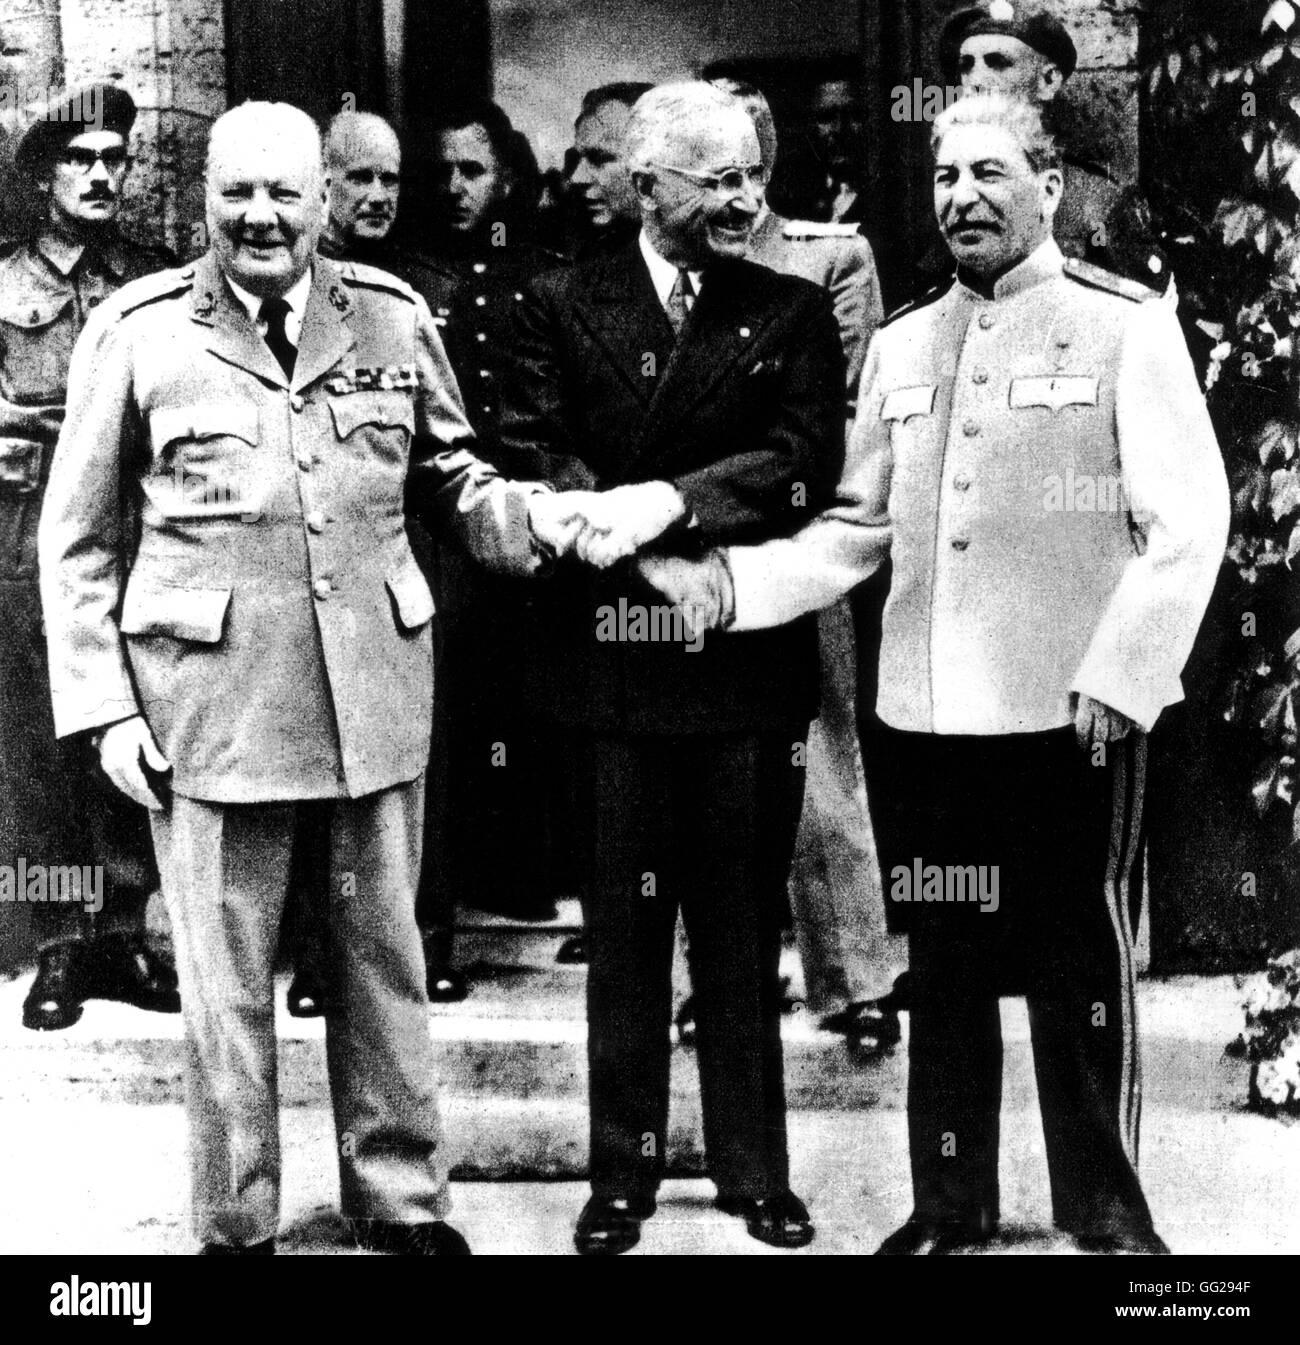 Potsdamer konferenz meinungen